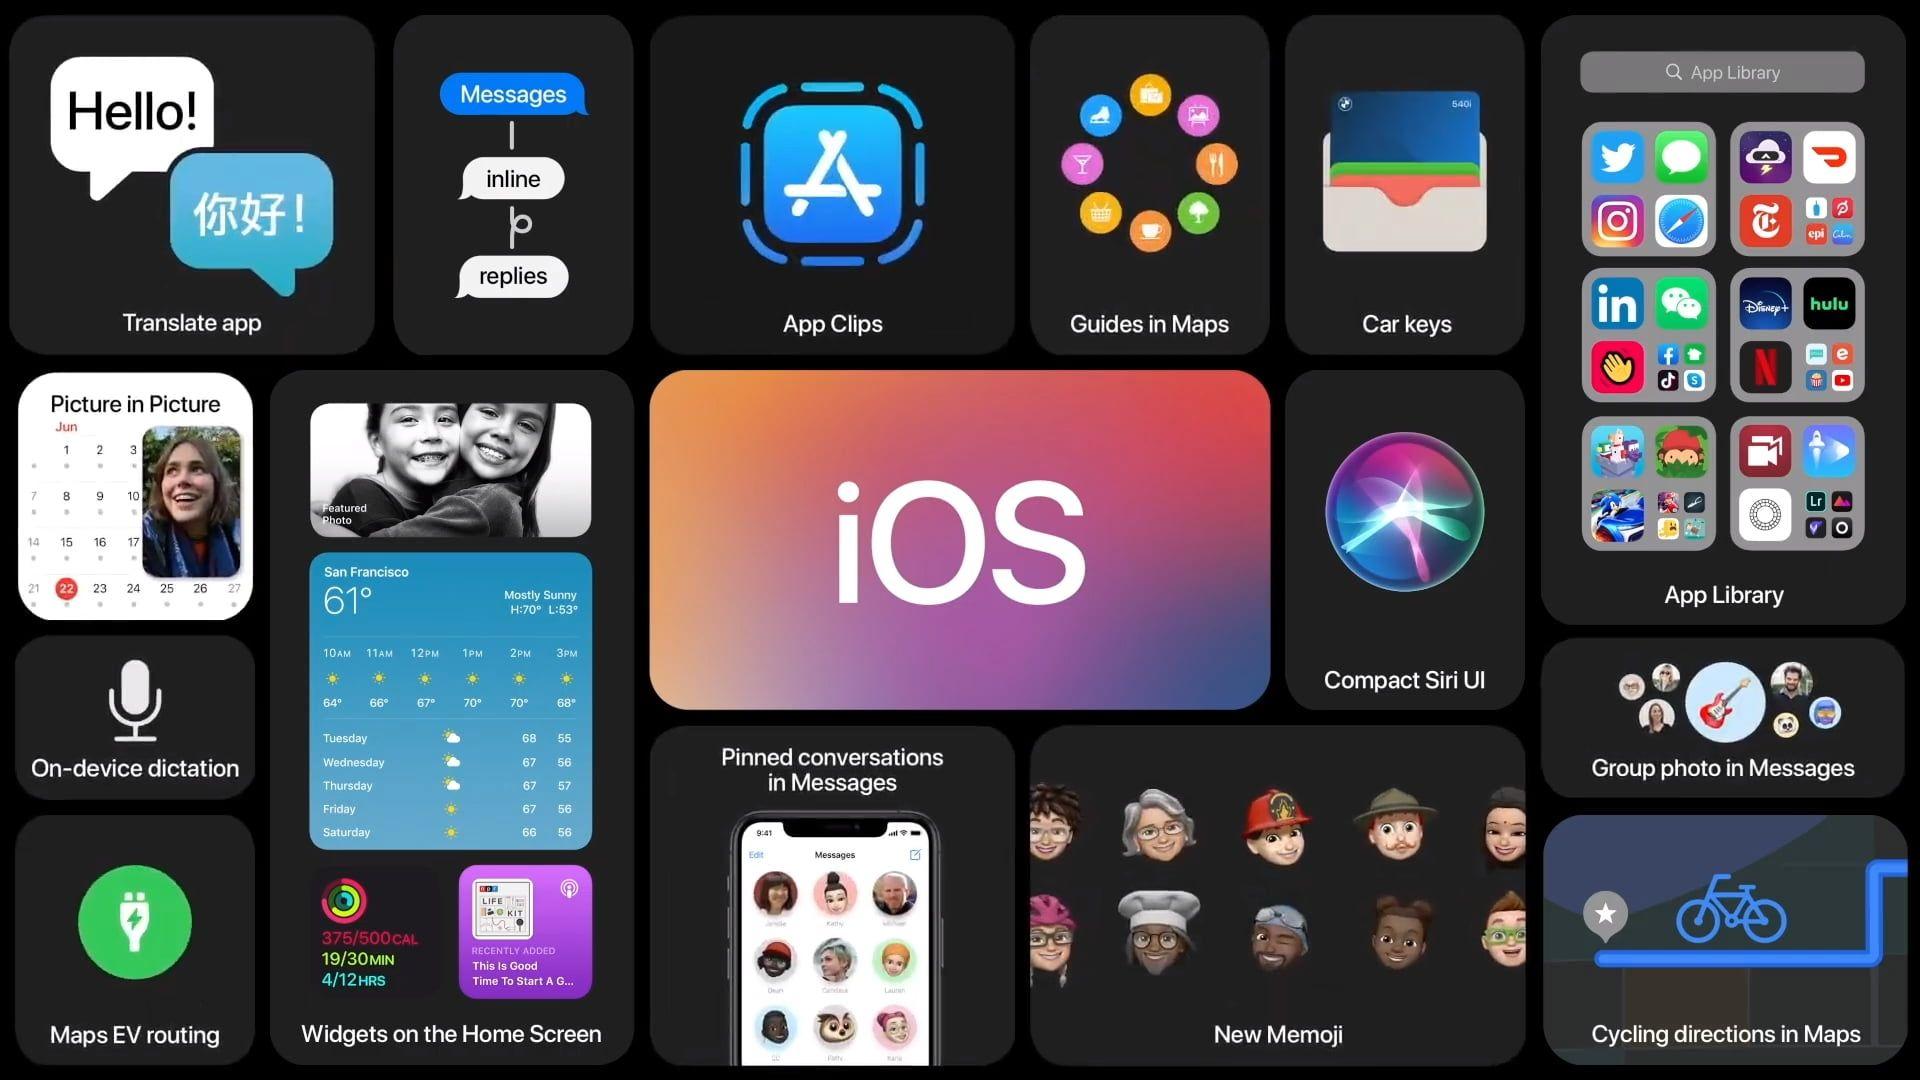 iOS 14.4 łata 3 luki w zabezpieczeniach – tak twierdzi Apple